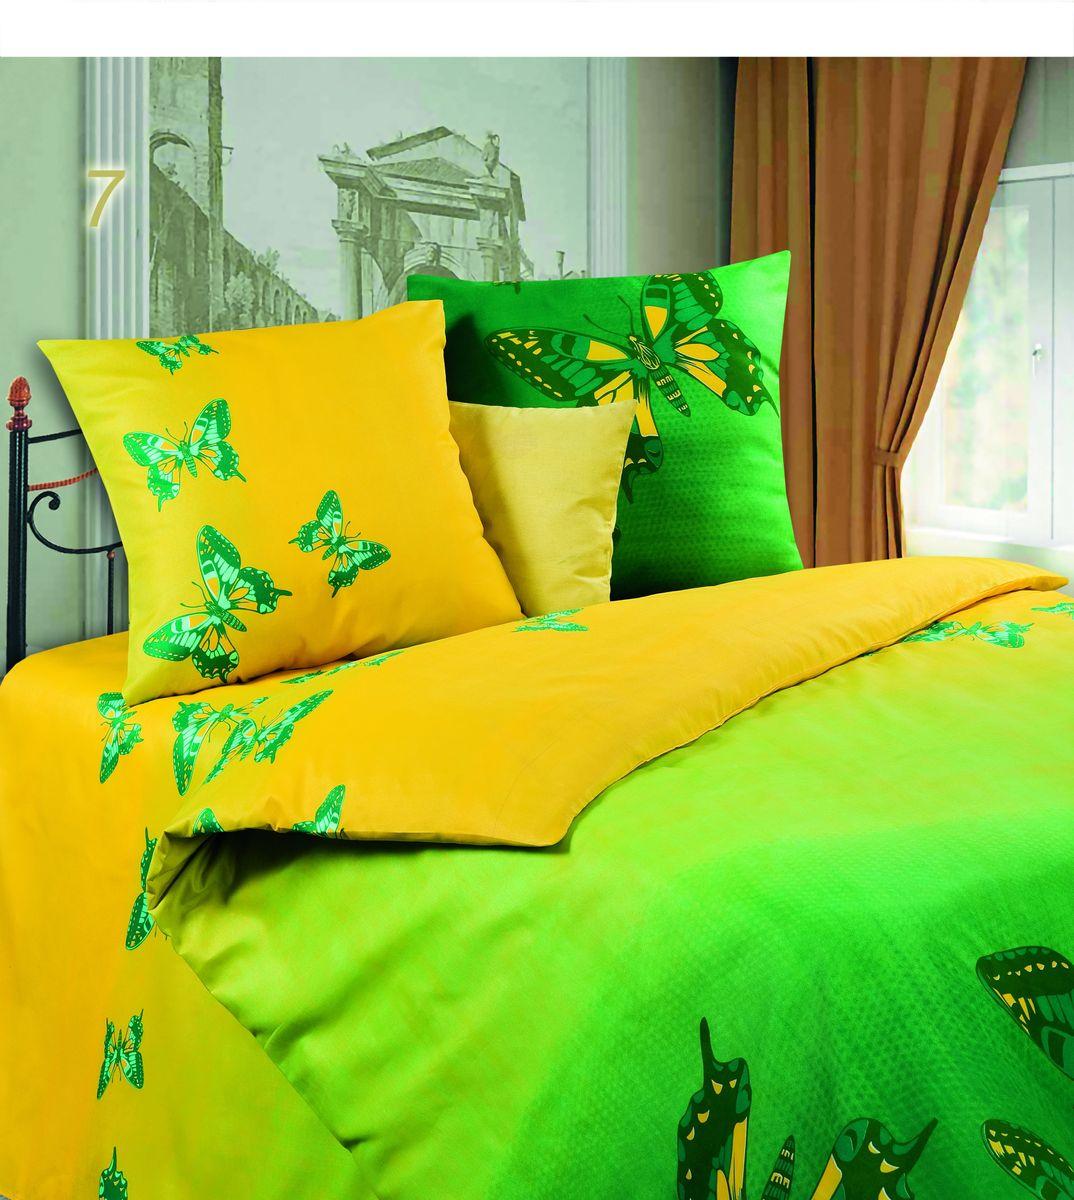 Комплект белья Диана Мгновение, семейный, наволочки 70х70, цвет: желтый, зеленый. PW-7-143-220-69PW-7-143-220-69Комплект постельного белья Диана Мгновение, изготовленный из микрофибры, поможет вам расслабиться и подарит спокойный сон. Ткань микрофибра - новая технология в производстве постельного белья. Тонкие волокна, используемые в ткани, производят путем переработки полиамида и полиэстера. Такая нить не впитывает влагу, как хлопок, а пропускает ее через себя, и влага быстро испаряется. Ткань не деформируется и хорошо держит форму, не скатывается, быстро высыхает и устойчива к световому воздействию. Изделия не мнутся и хорошо сохраняют первоначальную форму. Постельное белье оформлено изображением бабочек, имеет изысканный внешний вид и обладает яркостью и сочностью цвета. Комплект состоит из двух пододеяльников, простыни и двух наволочек. Благодаря такому комплекту постельного белья вы сможете создать атмосферу уюта и комфорта в вашей спальне. Рекомендуем!